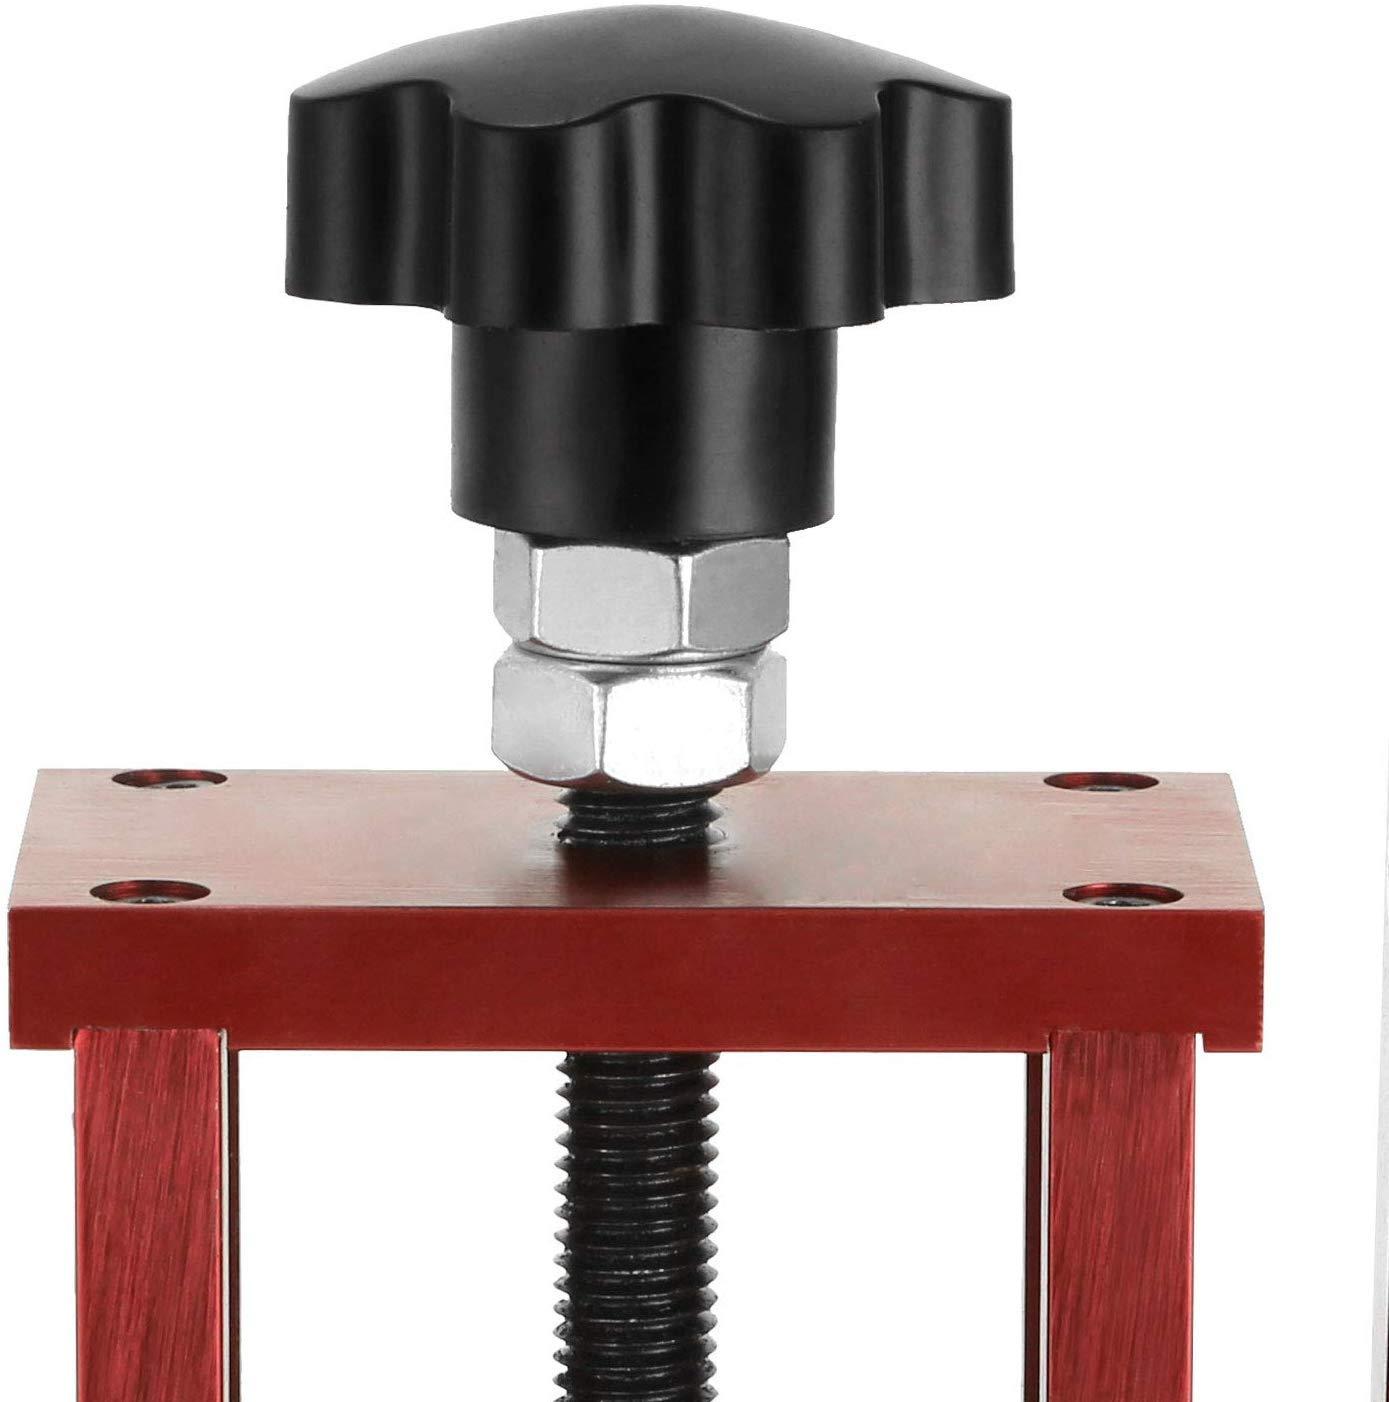 HXSM Mophorn Machine /à D/énuder Multi-trous 0.37KW La Pince /à D/énuder /électrique Machine /à D/énuder Fil de C/âble De 1.5mm ~ 38mm Machine De D/épouillement fil de diam/ètre de 0,06-1,5 pouces